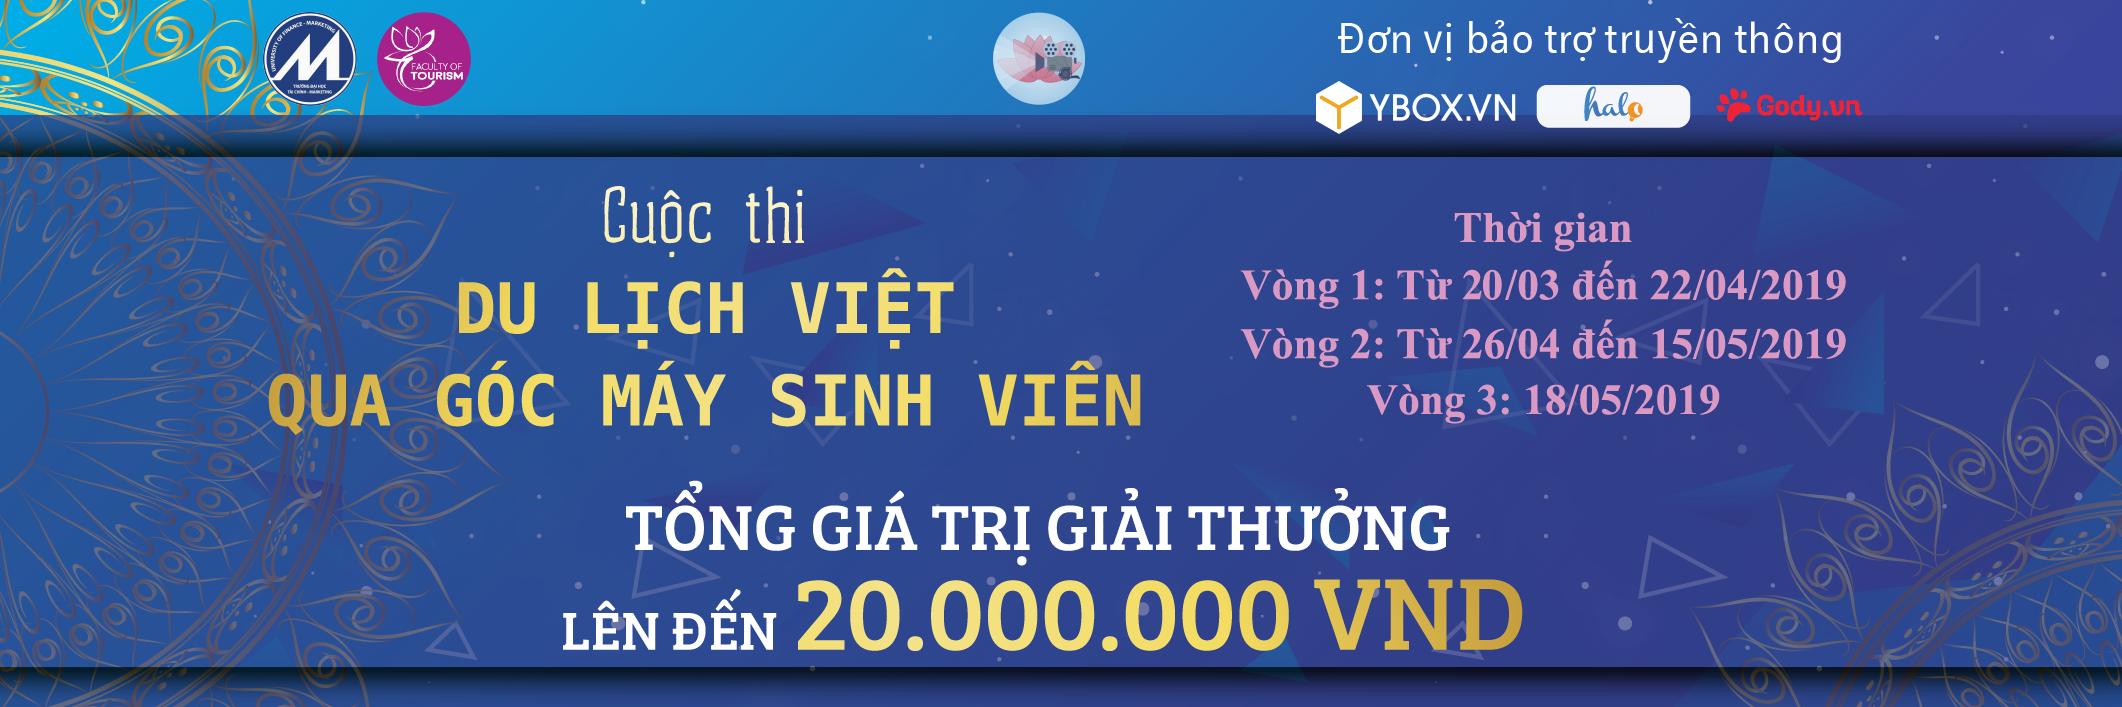 https://gody.vn/blog/gocmaysinhvien/post/hcm-cuoc-thi-du-lich-viet-qua-goc-may-sinh-vien-3008